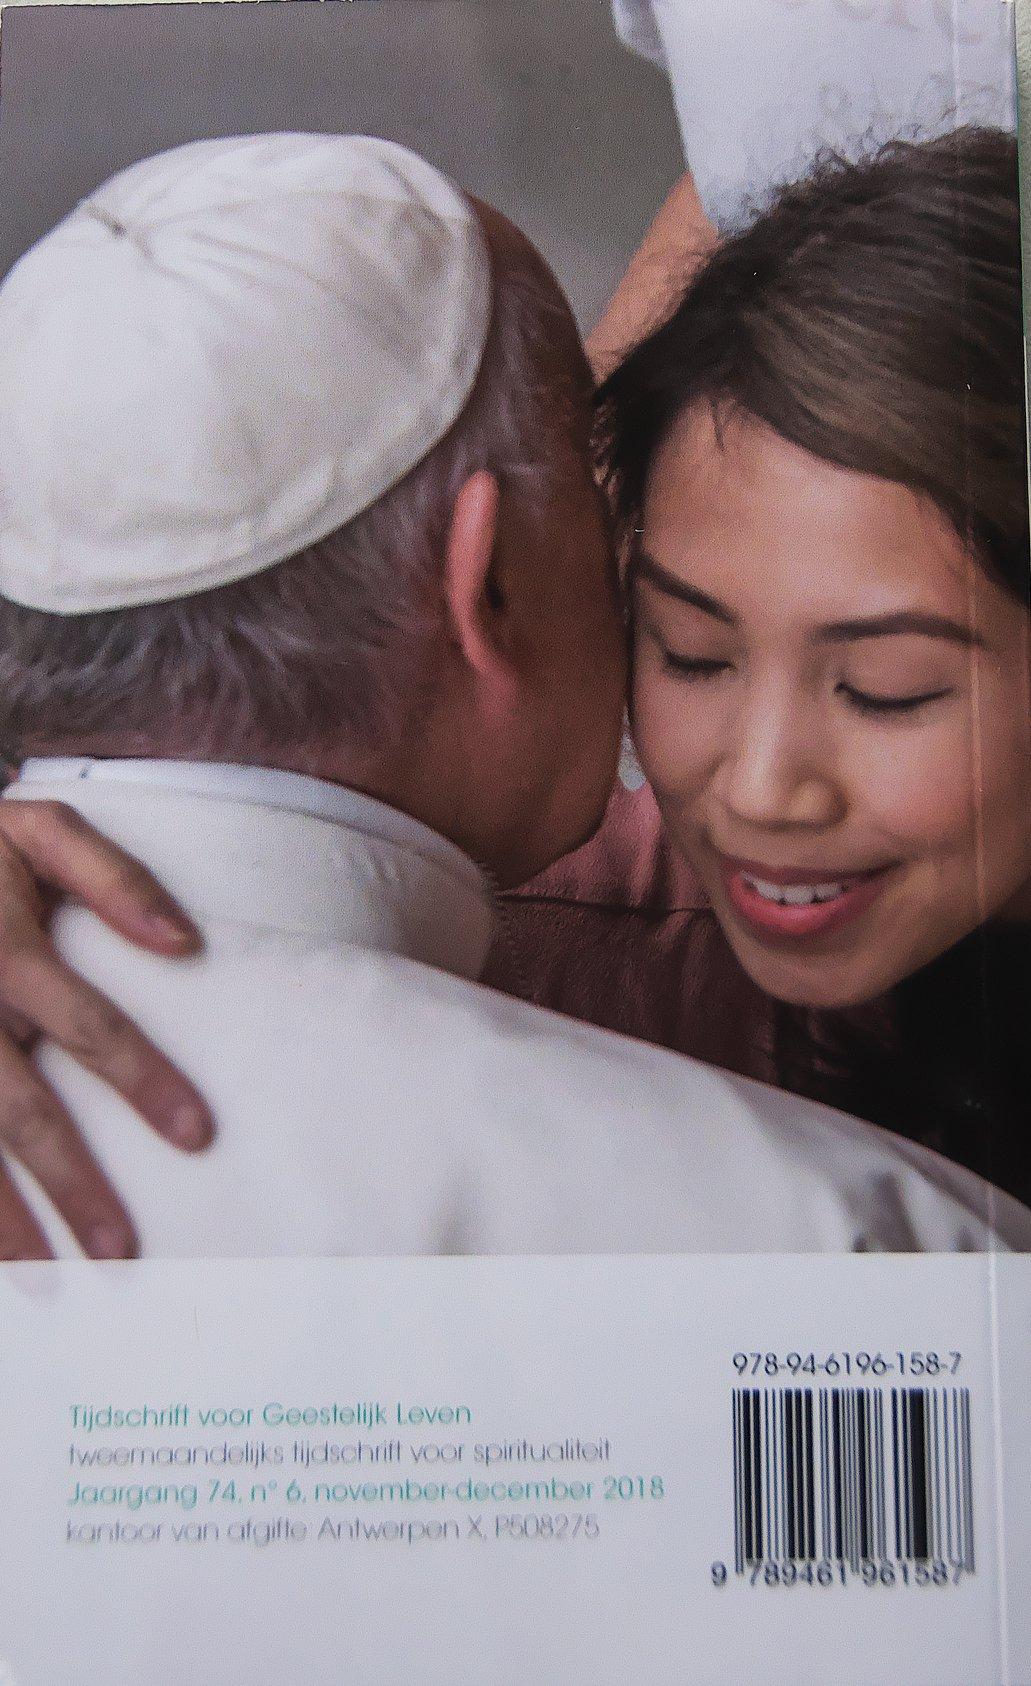 De paus: wat kun je van hem verwachten?